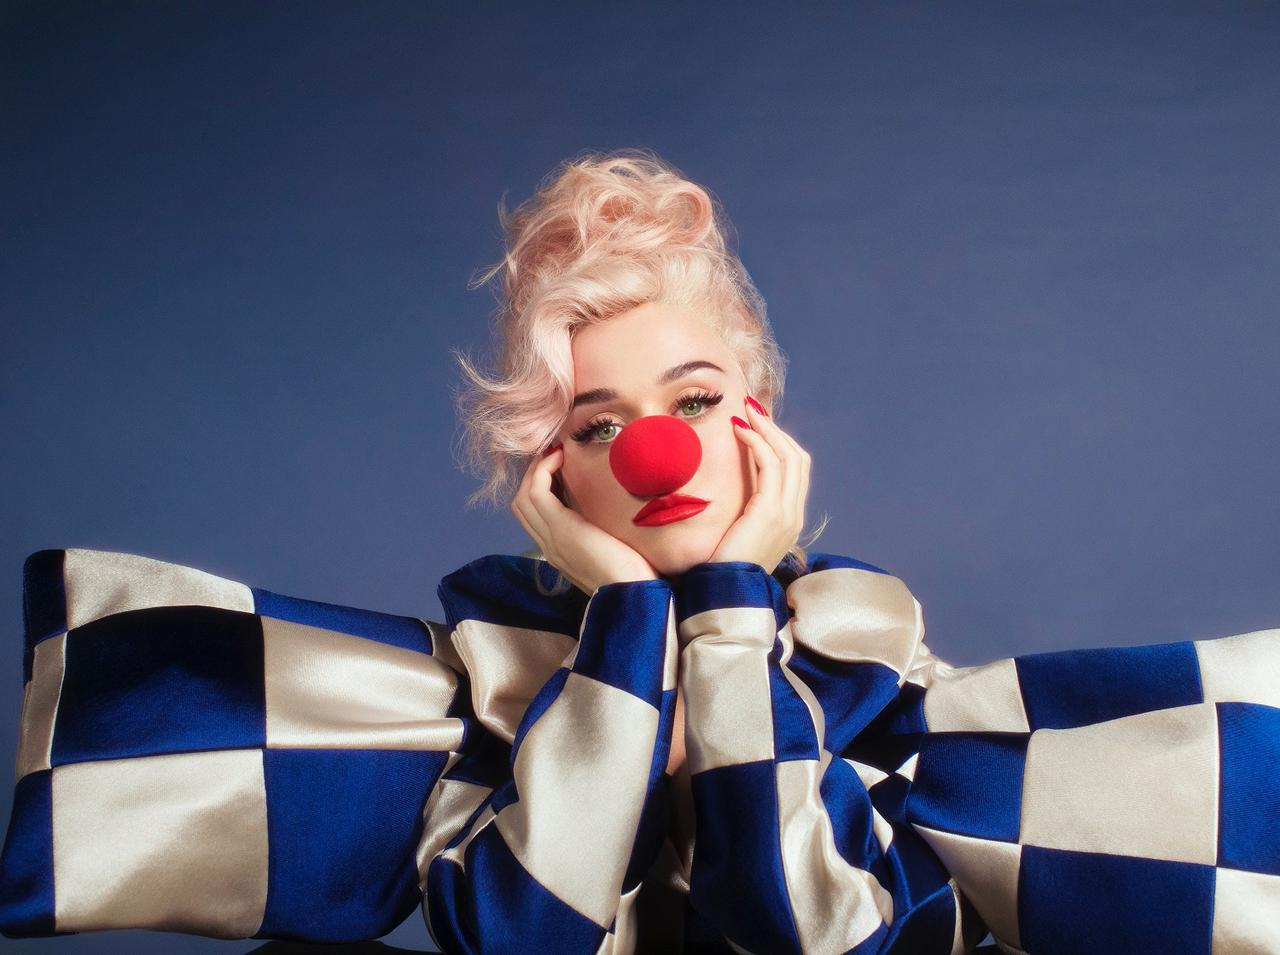 画像: ケイティ・ペリー、新作『スマイル』は「笑顔を取り戻すためのアルバム」【インタビュー】 - フロントロウ -海外セレブ情報を発信